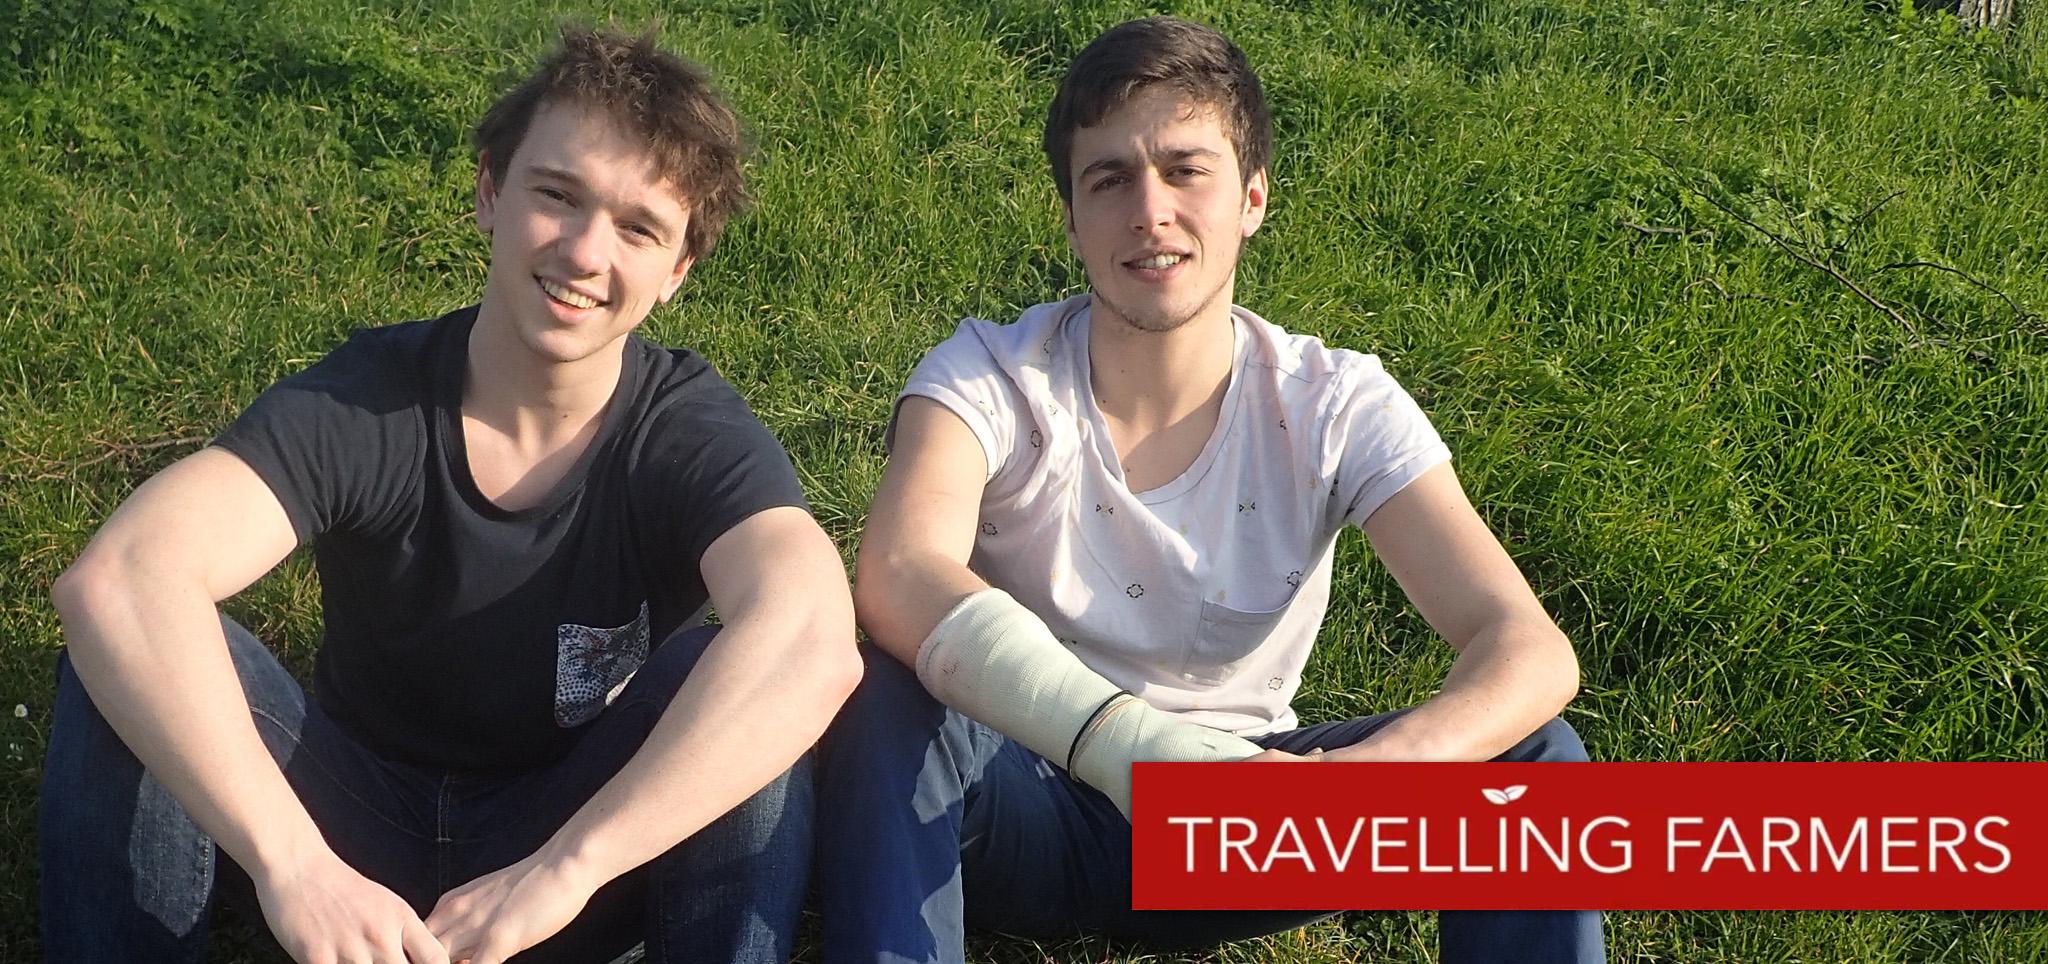 travelfarcouv